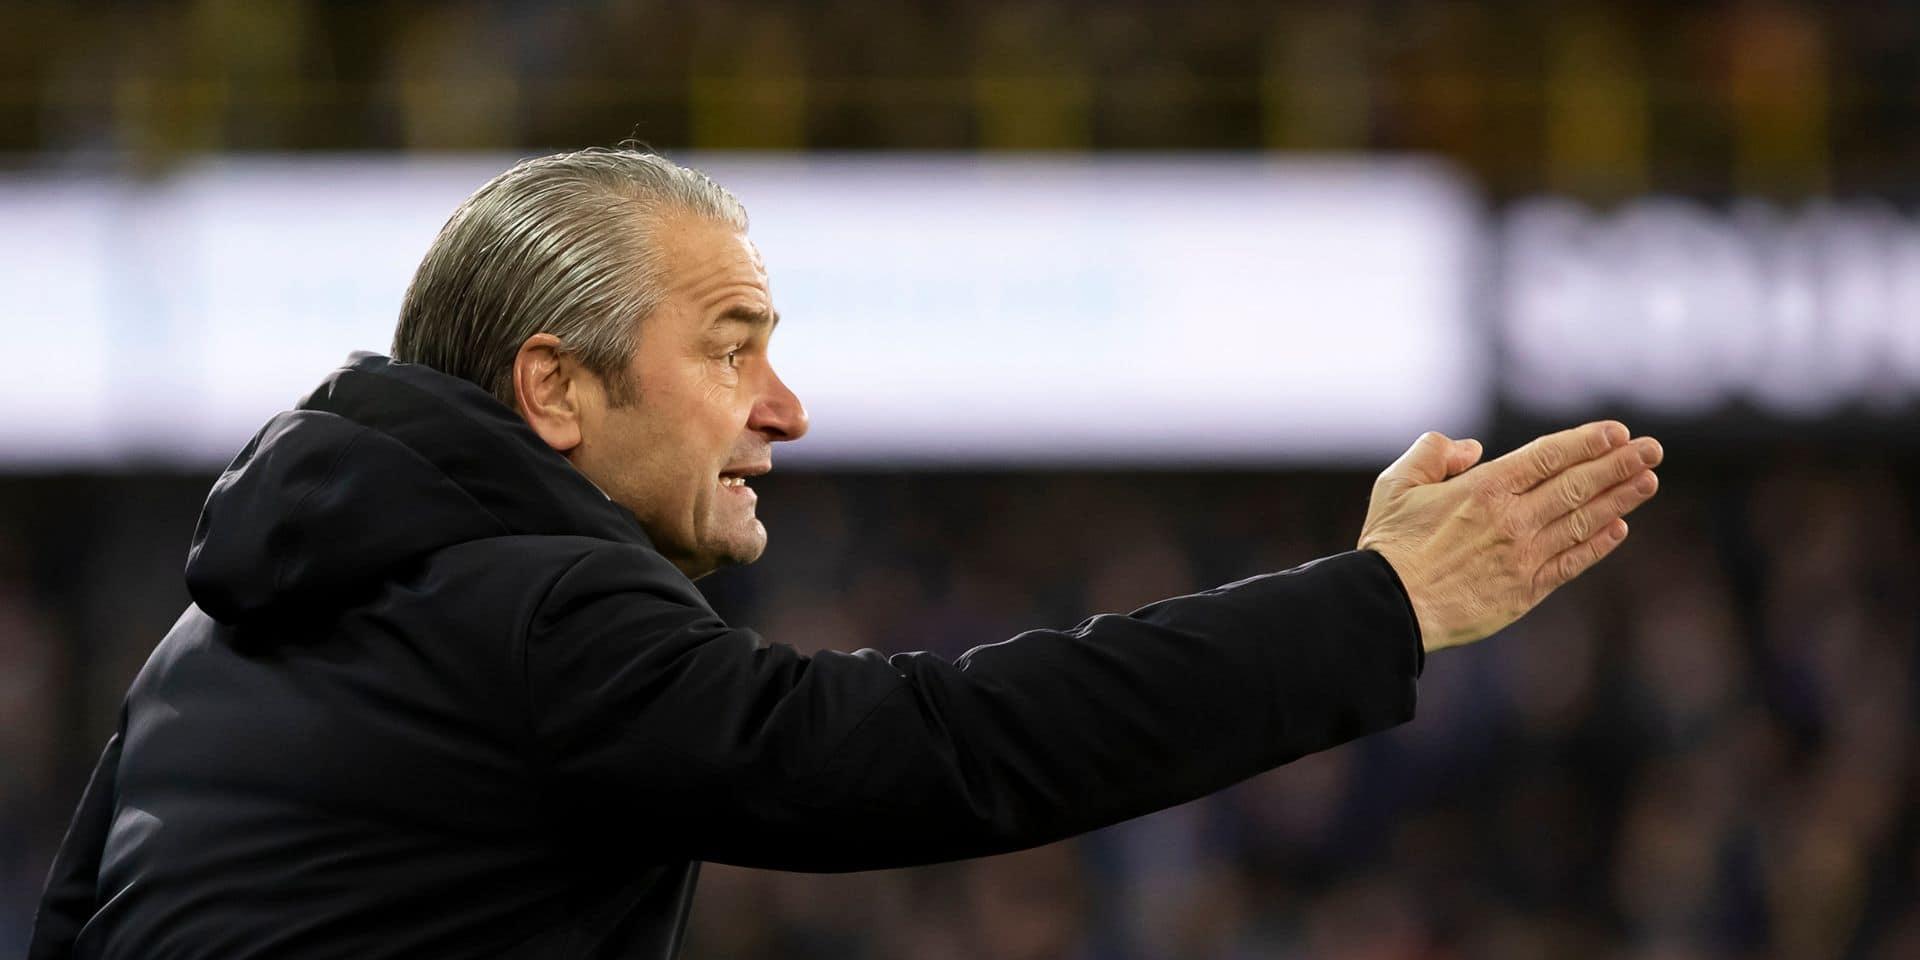 L'ancien entraîneur du Cercle Bernd Storck retrouve un banc en Slovaquie